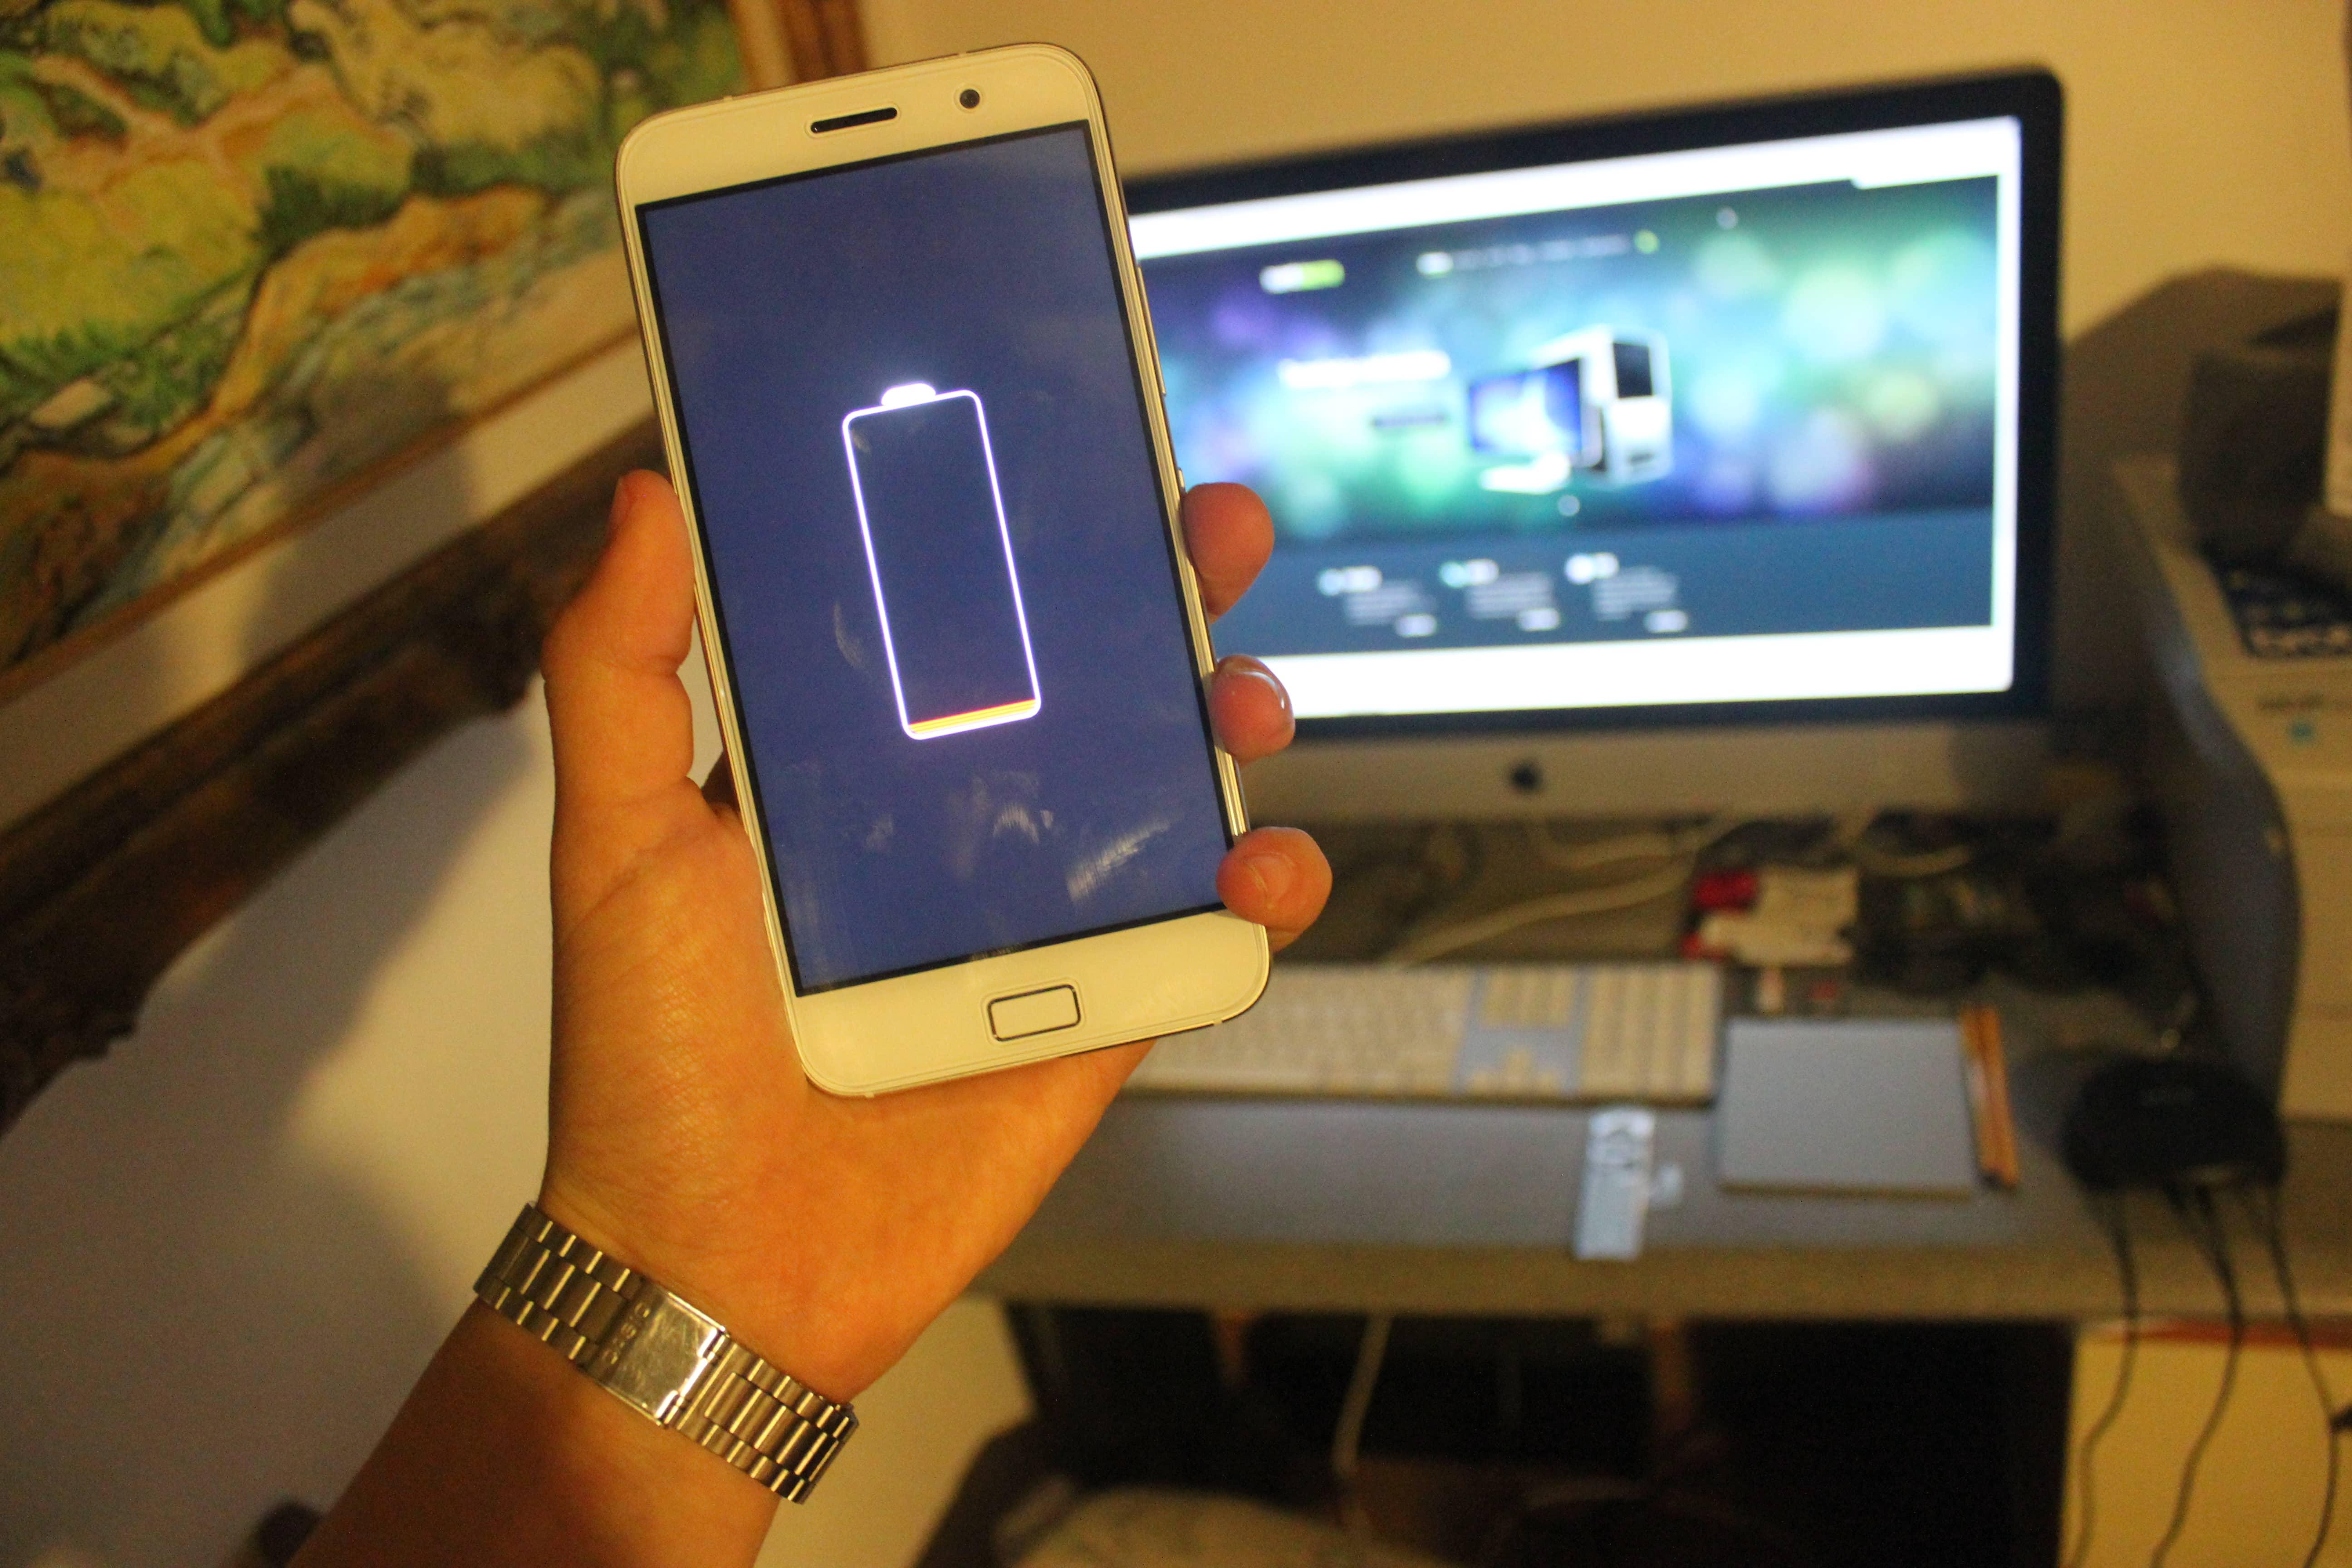 Migliorare la durata della batteria (Android)